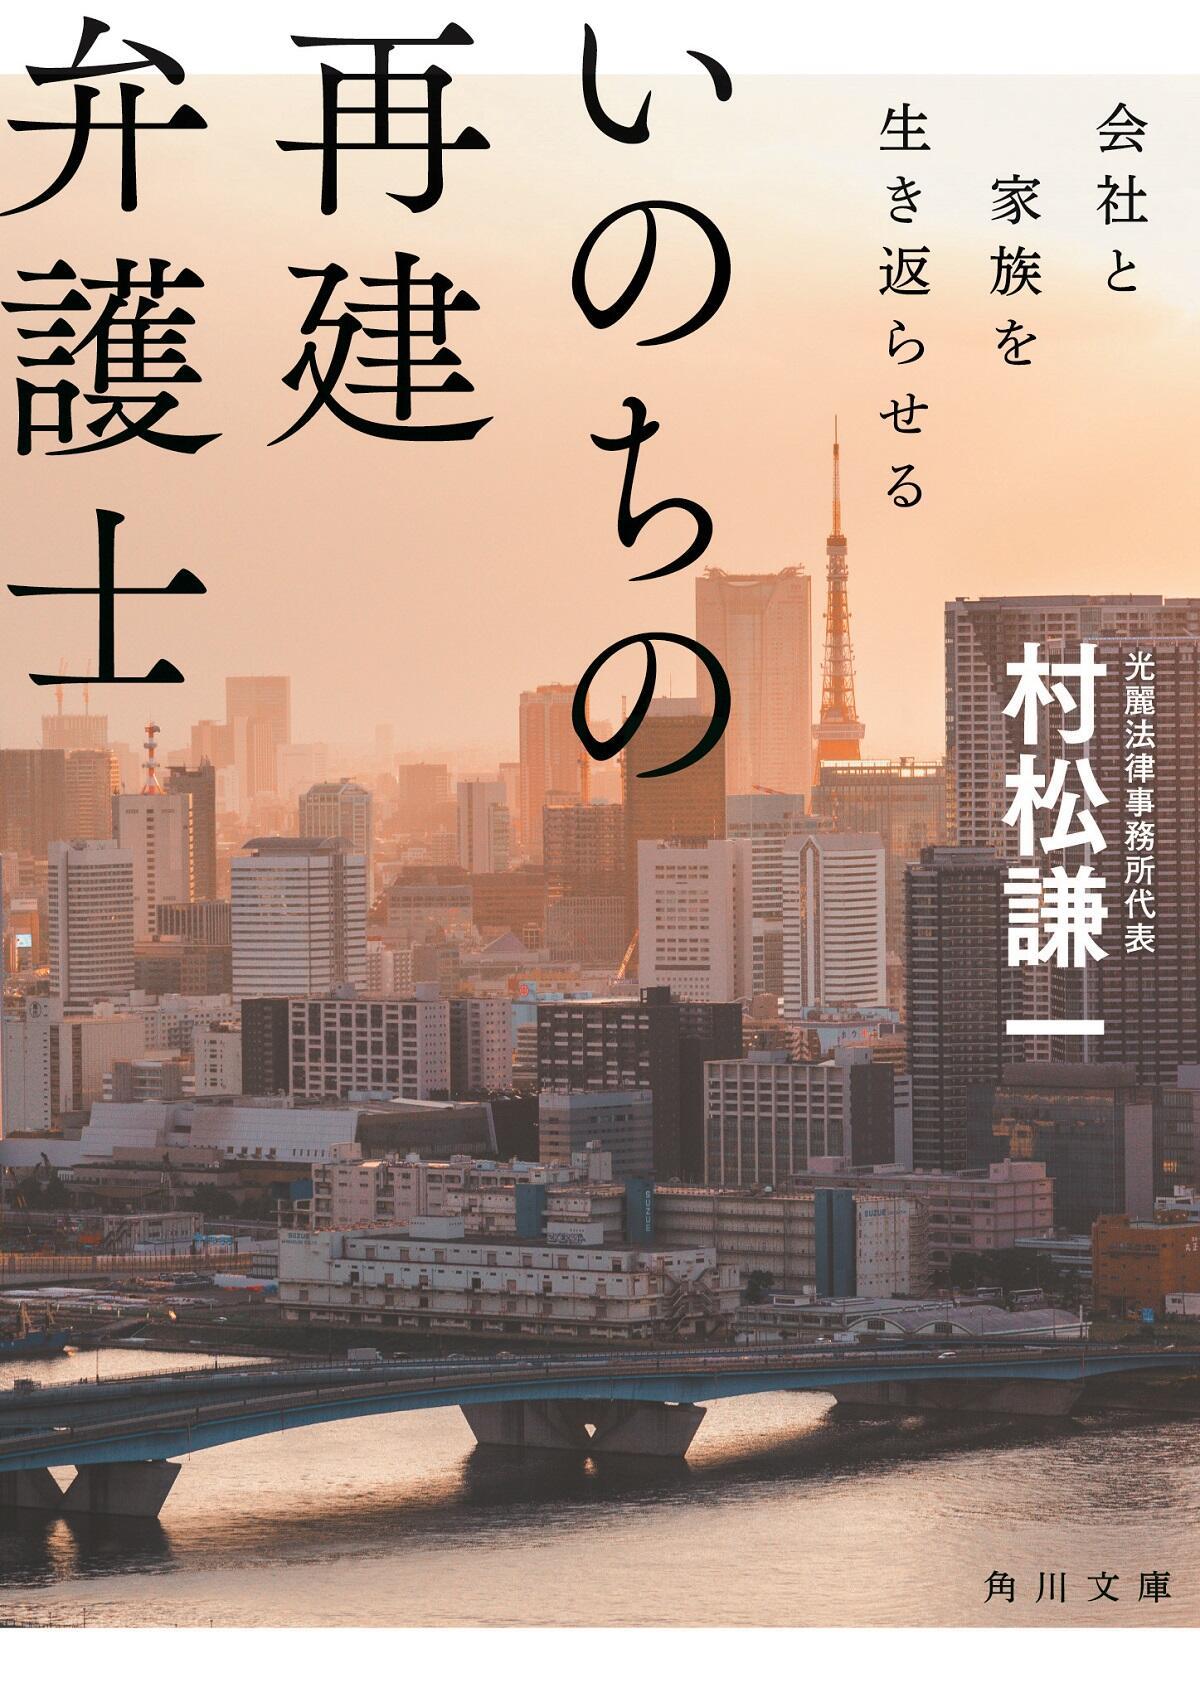 20190516_ri-garu_02.jpg